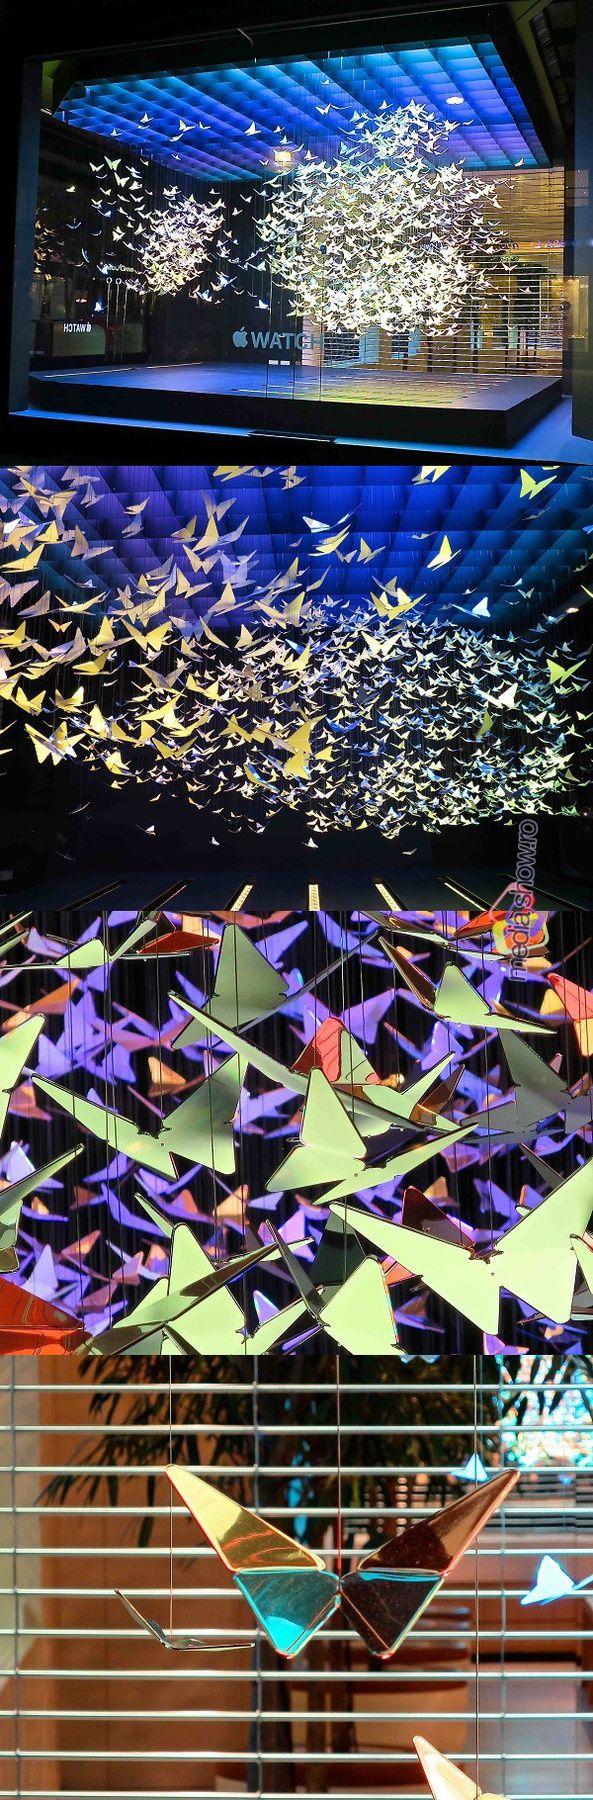 2015 - Apple Watch Commercial Kaleidoscope of Butterflies in Selfridges, London